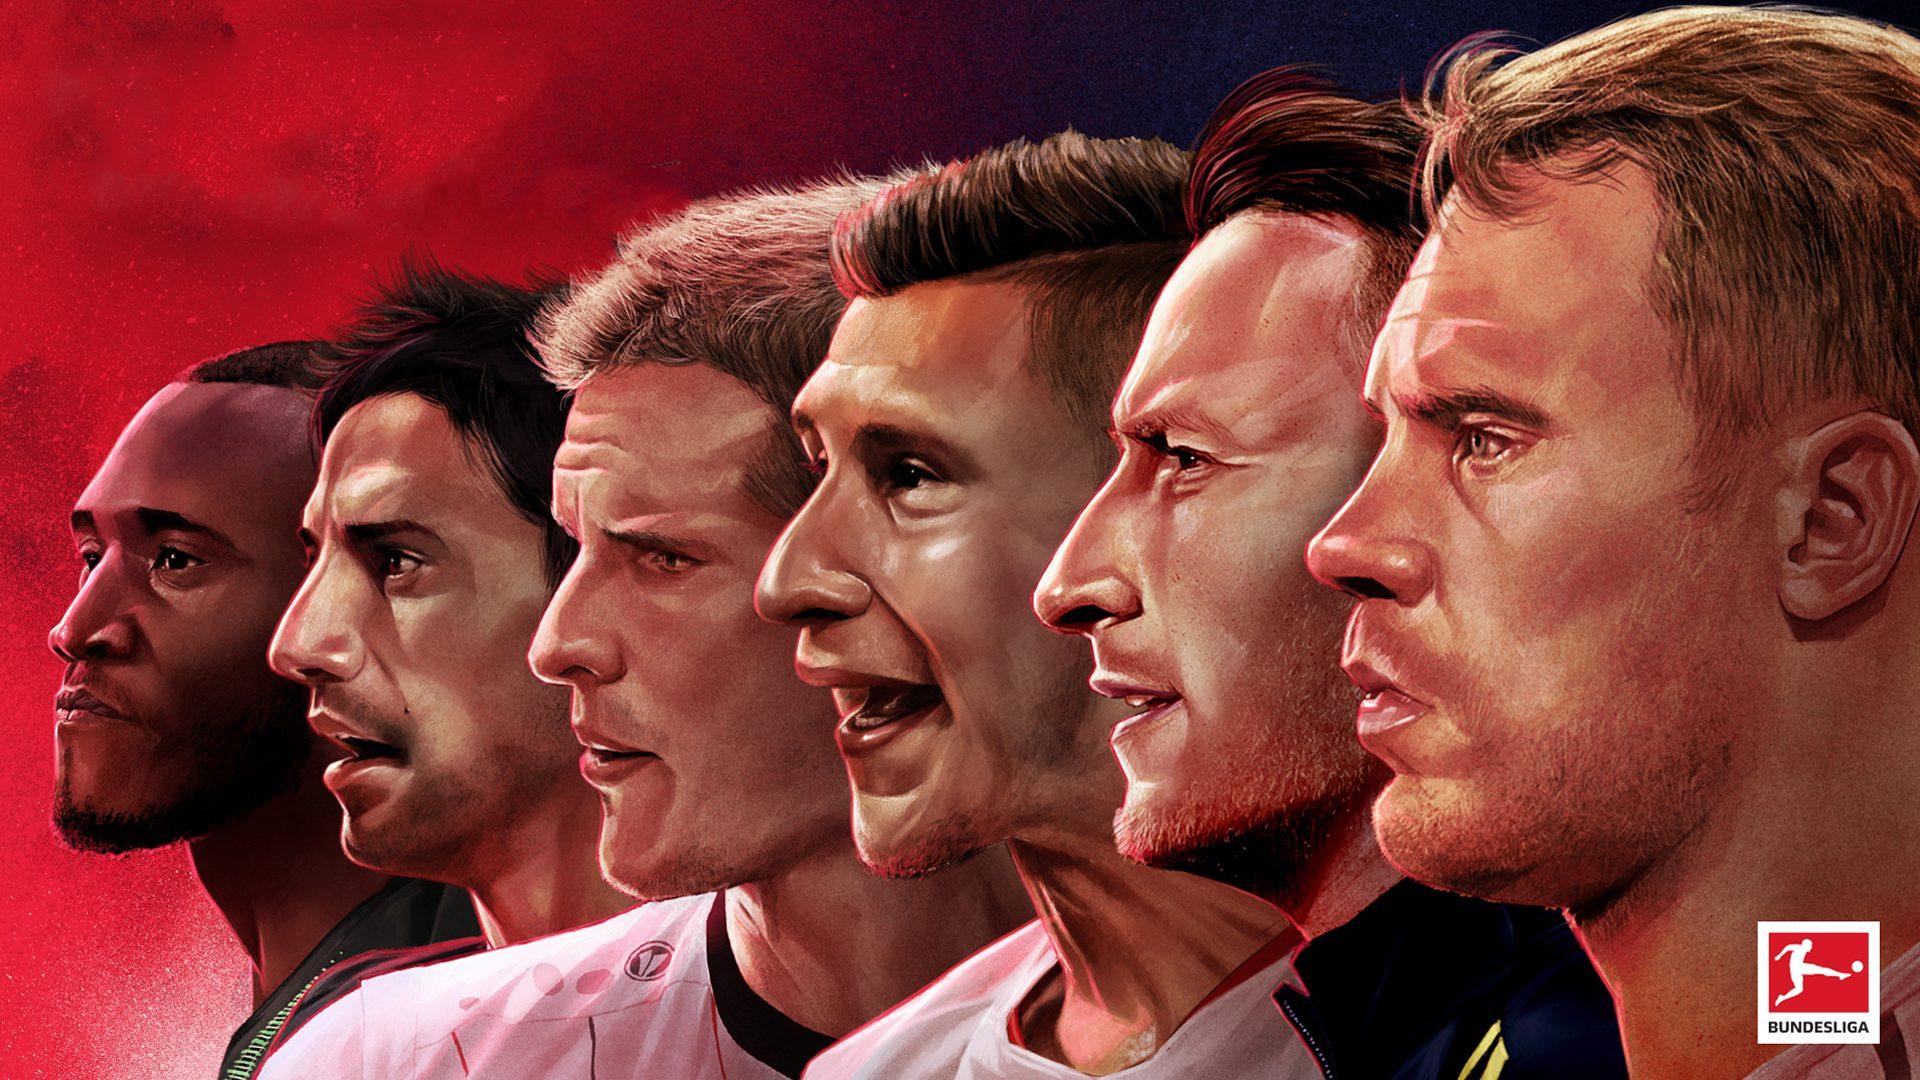 Bundesliga Bundesliga Captains In 2019 20